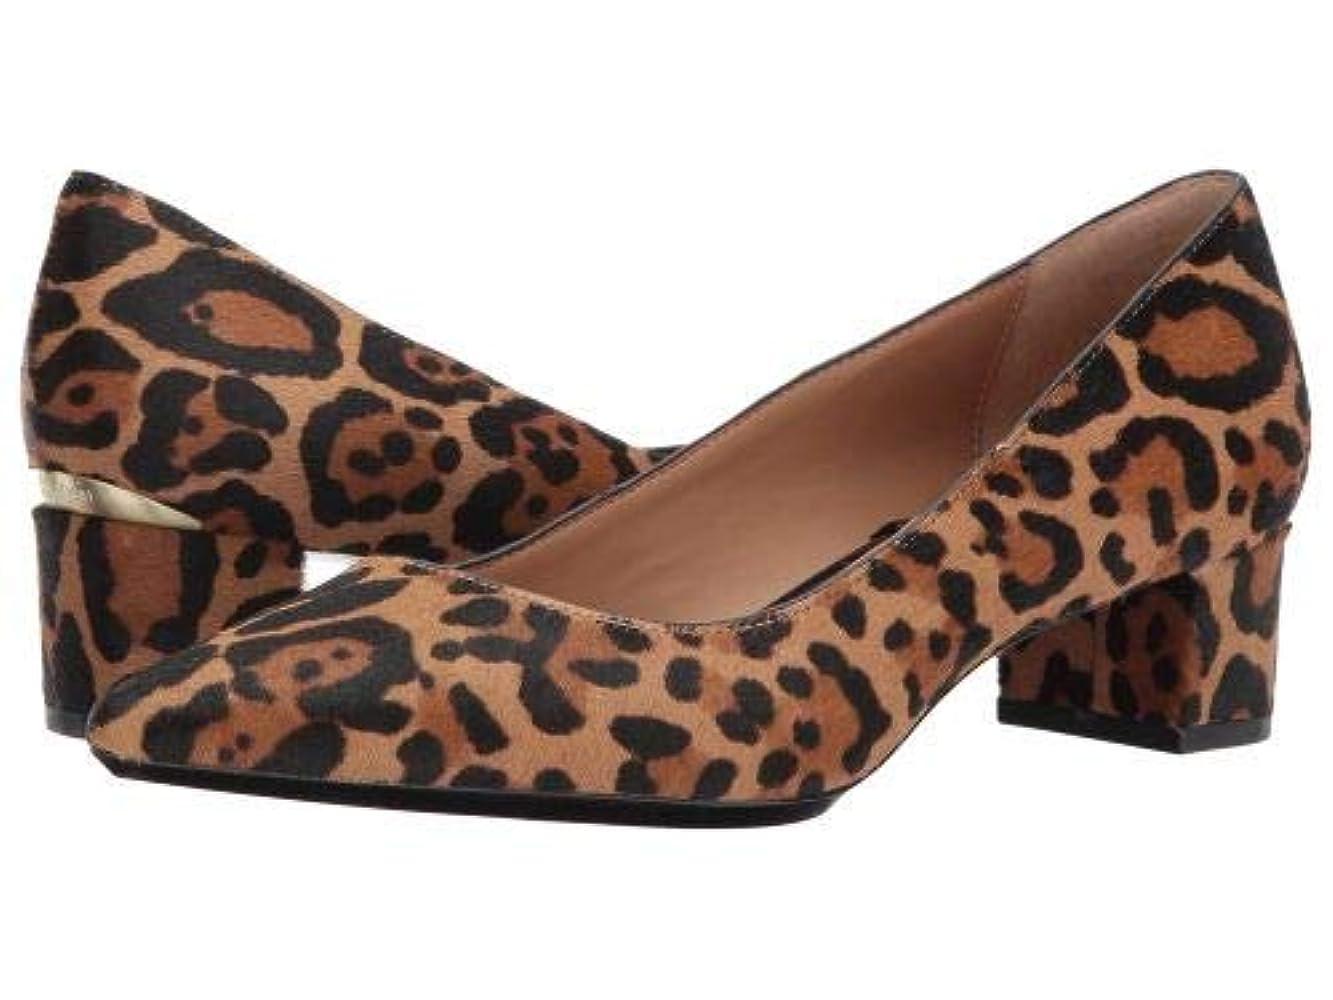 チューブ情緒的援助Calvin Klein(カルバンクライン) レディース 女性用 シューズ 靴 ヒール Genoveva Pump - Natural Winter Leopard Haircalf [並行輸入品]